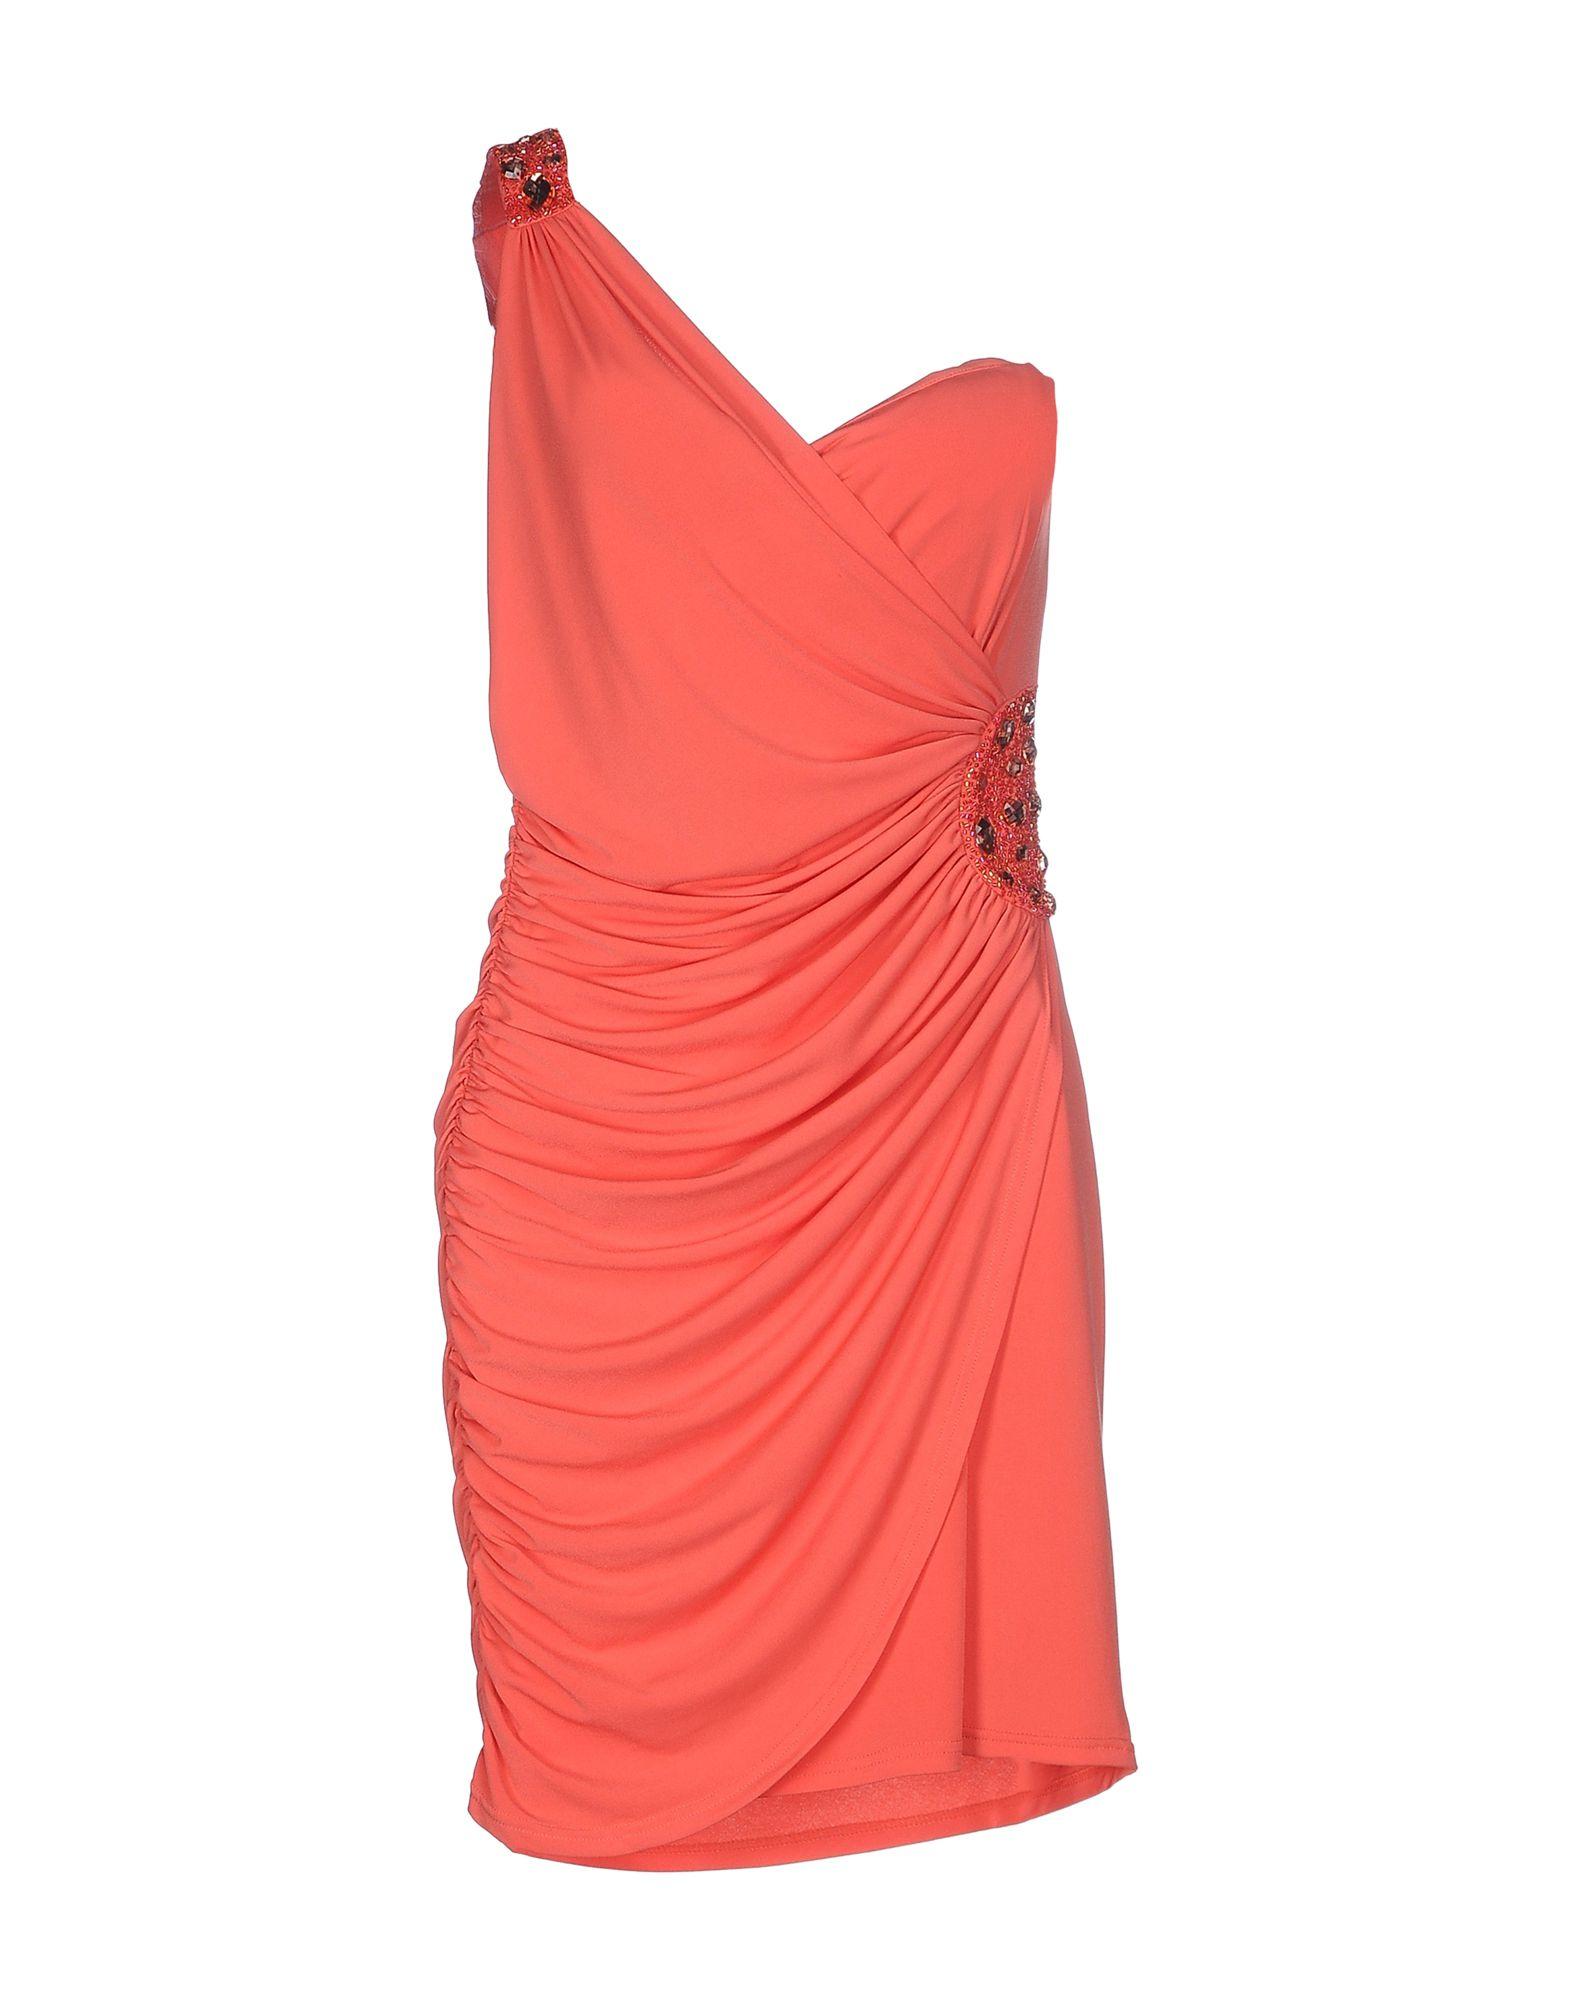 JOLIE CARLO PIGNATELLI Короткое платье carlo pignatelli короткое платье